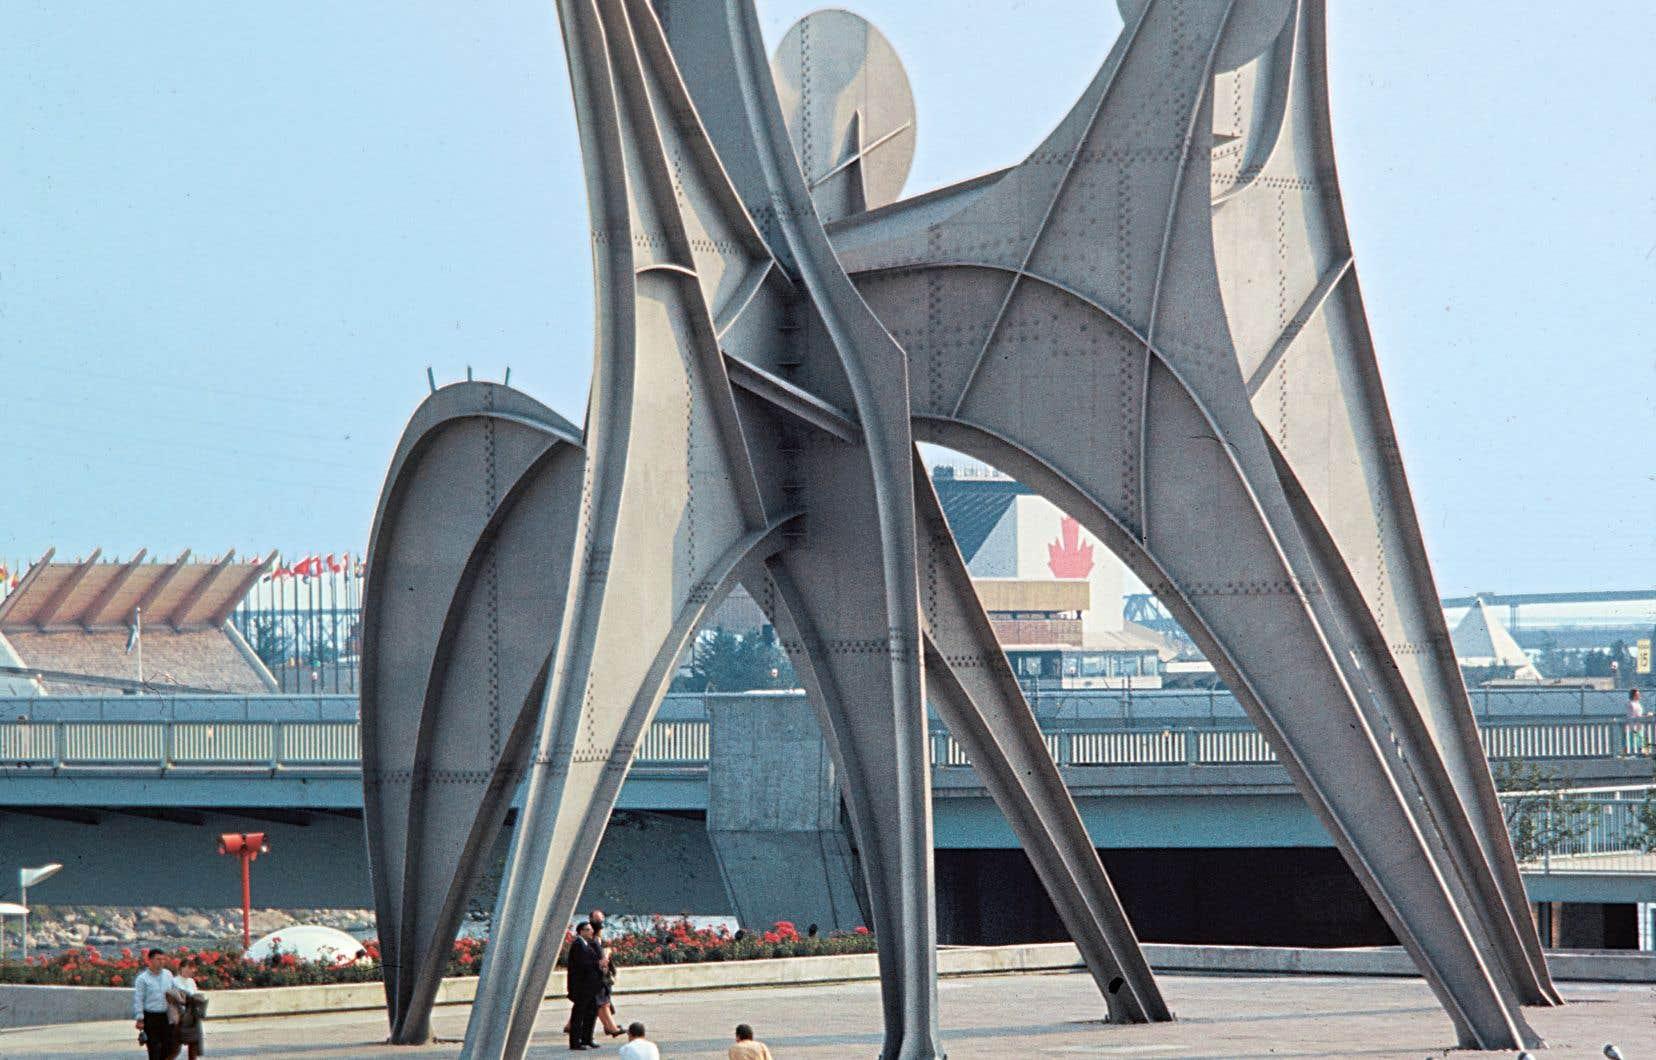 La sculpture «Three discs», érigée par l'artiste Alexandre Calder sur l'île Sainte-Hélène à l'occasion d'Expo 67, photo couleur